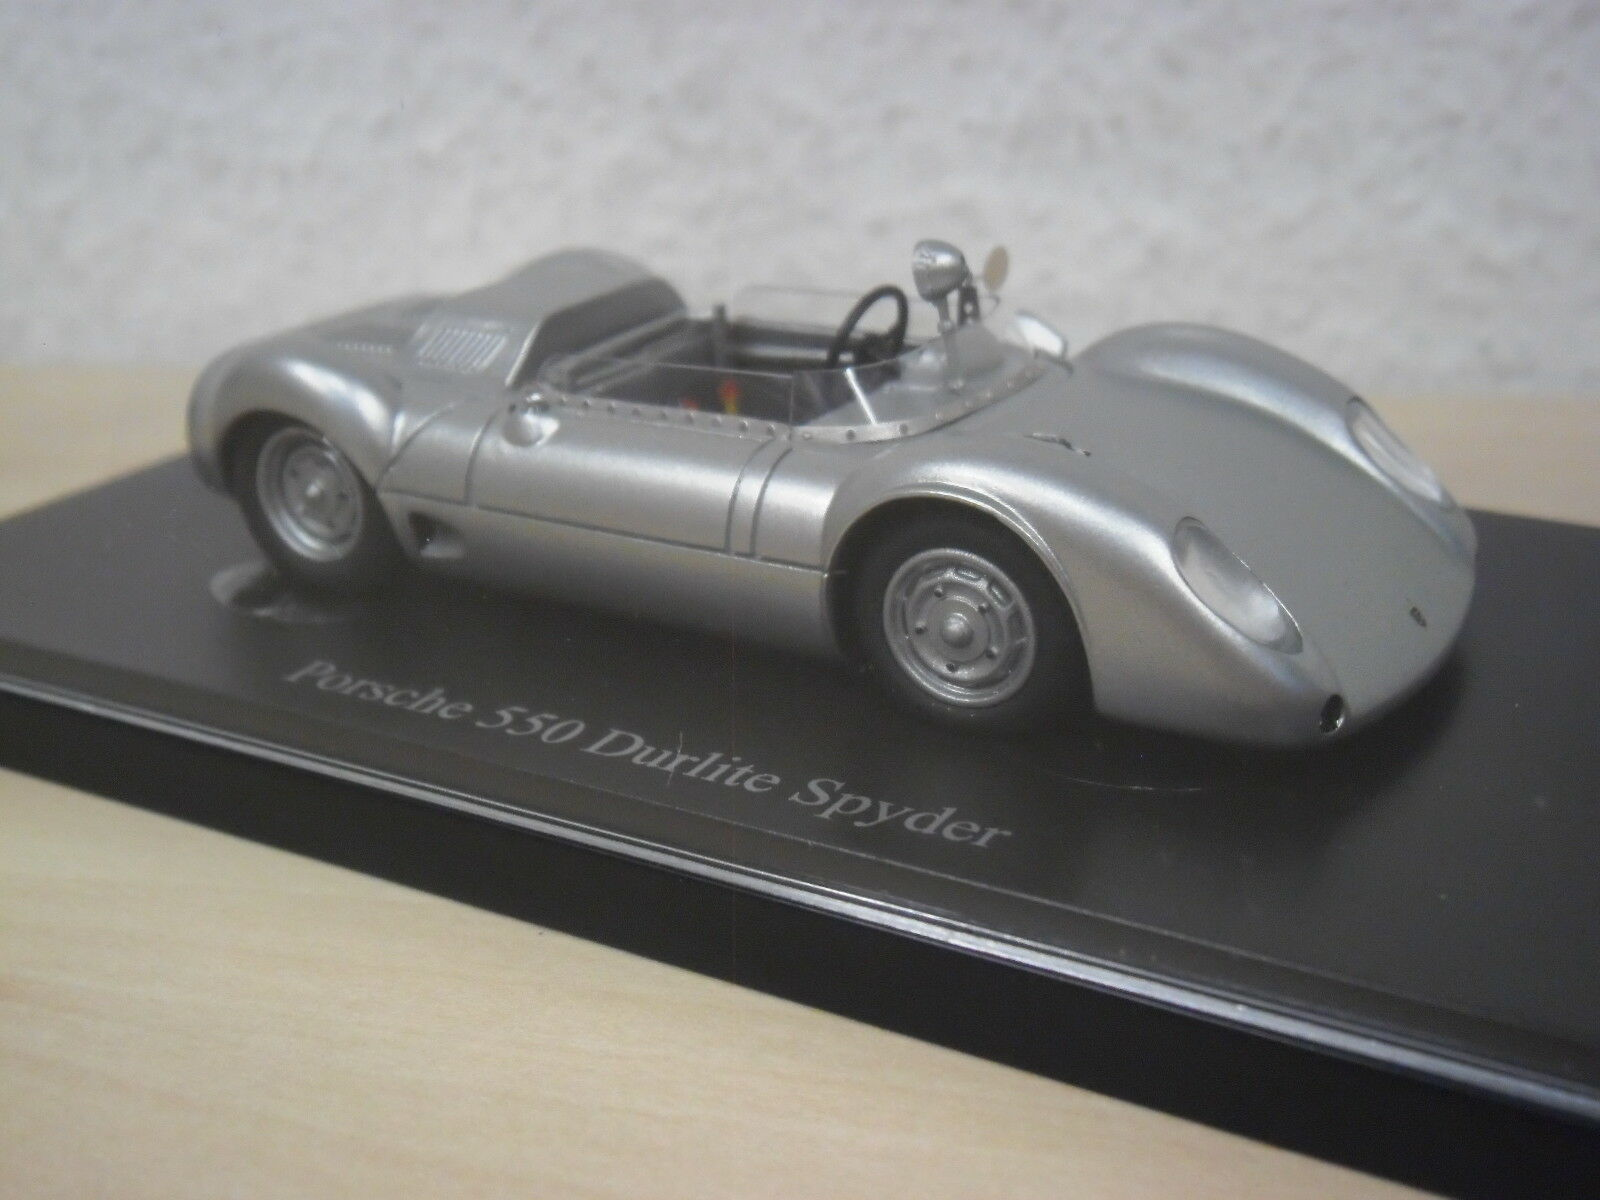 Autocult - Porsche 550 Durlite Spyder - silber-metallic - Nr. 07007 - 1 43  | Große Auswahl